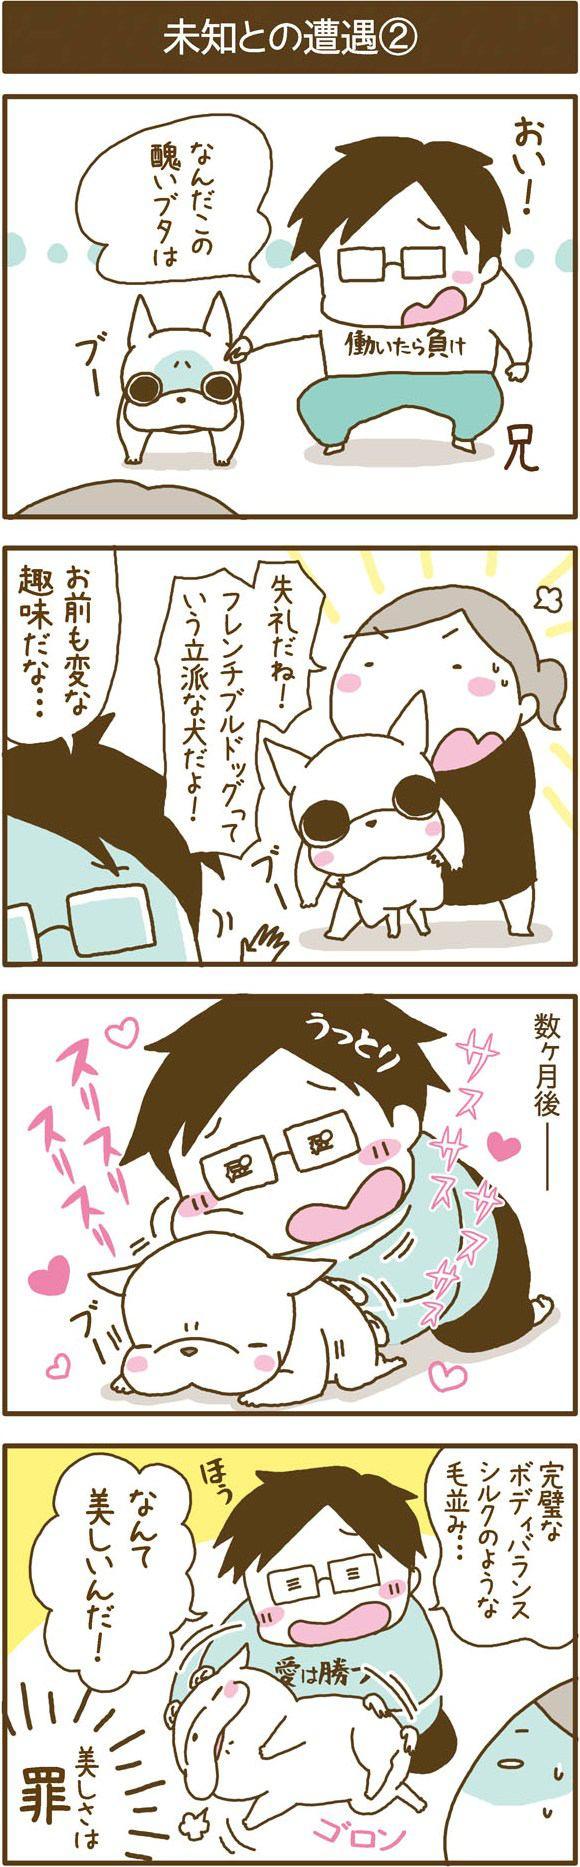 フレブルこくぼ第7話